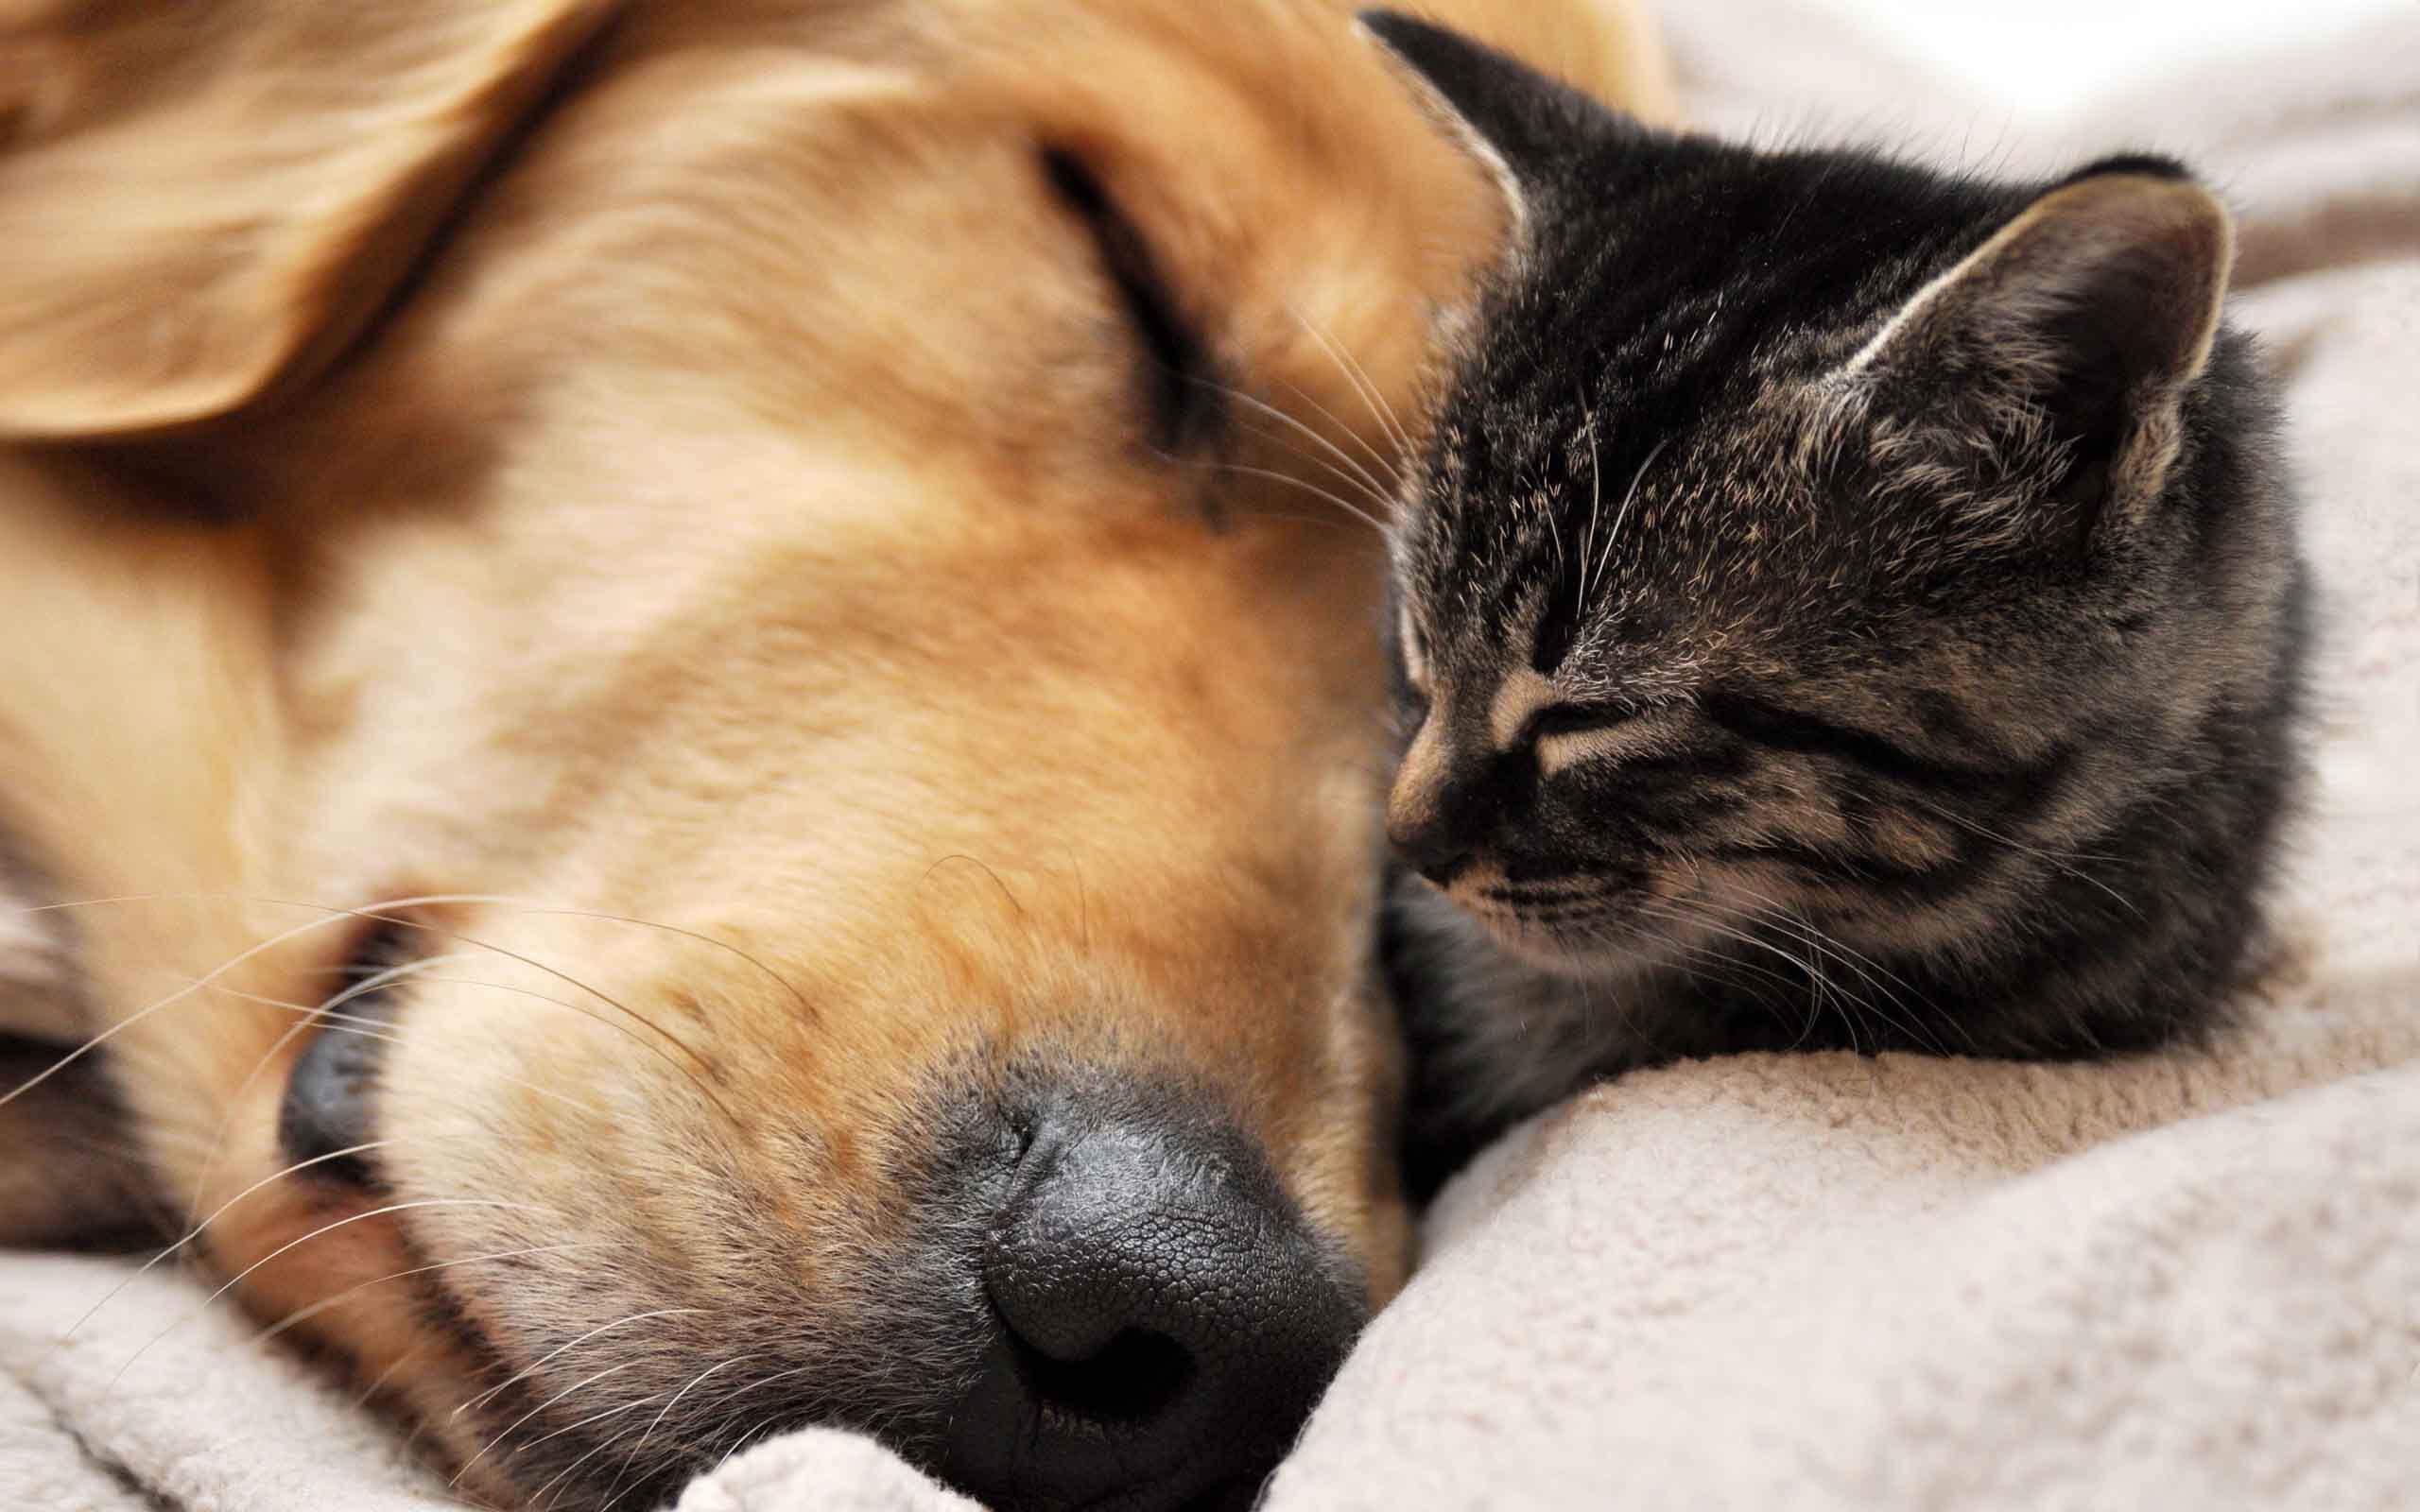 В Твери пройдет благотворительная акция от Инициативной группы по защите животных